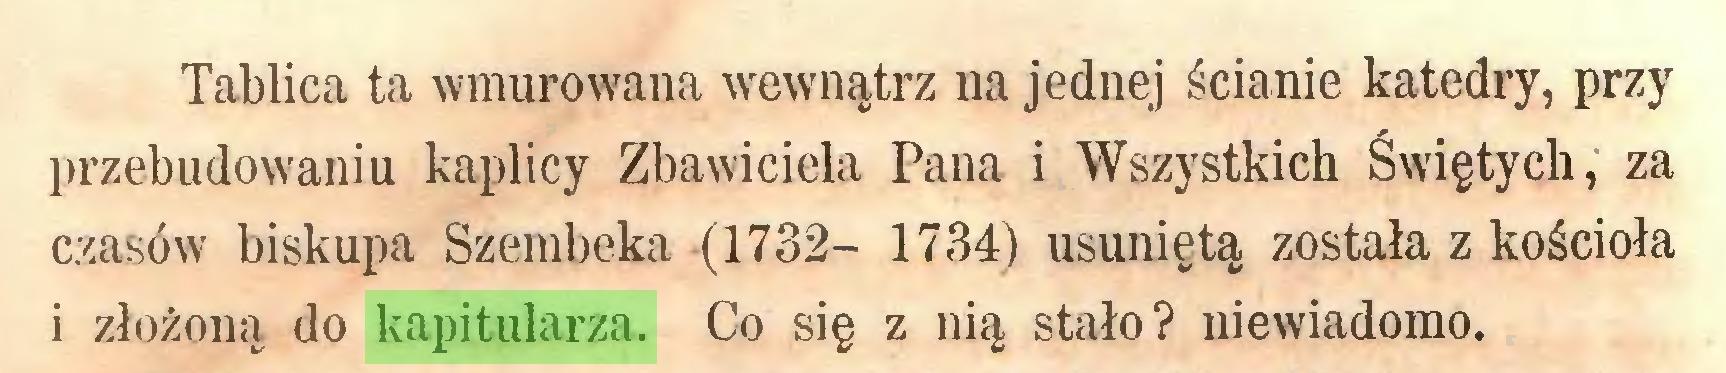 (...) Tablica ta wmurowana wewnątrz na jednej ścianie katedry, przy przebudowaniu kaplicy Zbawiciela Pana i Wszystkich Świętych, za czasów biskupa Szembeka (1732- 1734) usuniętą została z kościoła i złożoną do kapitularza. Co się z nią stało? niewiadomo...